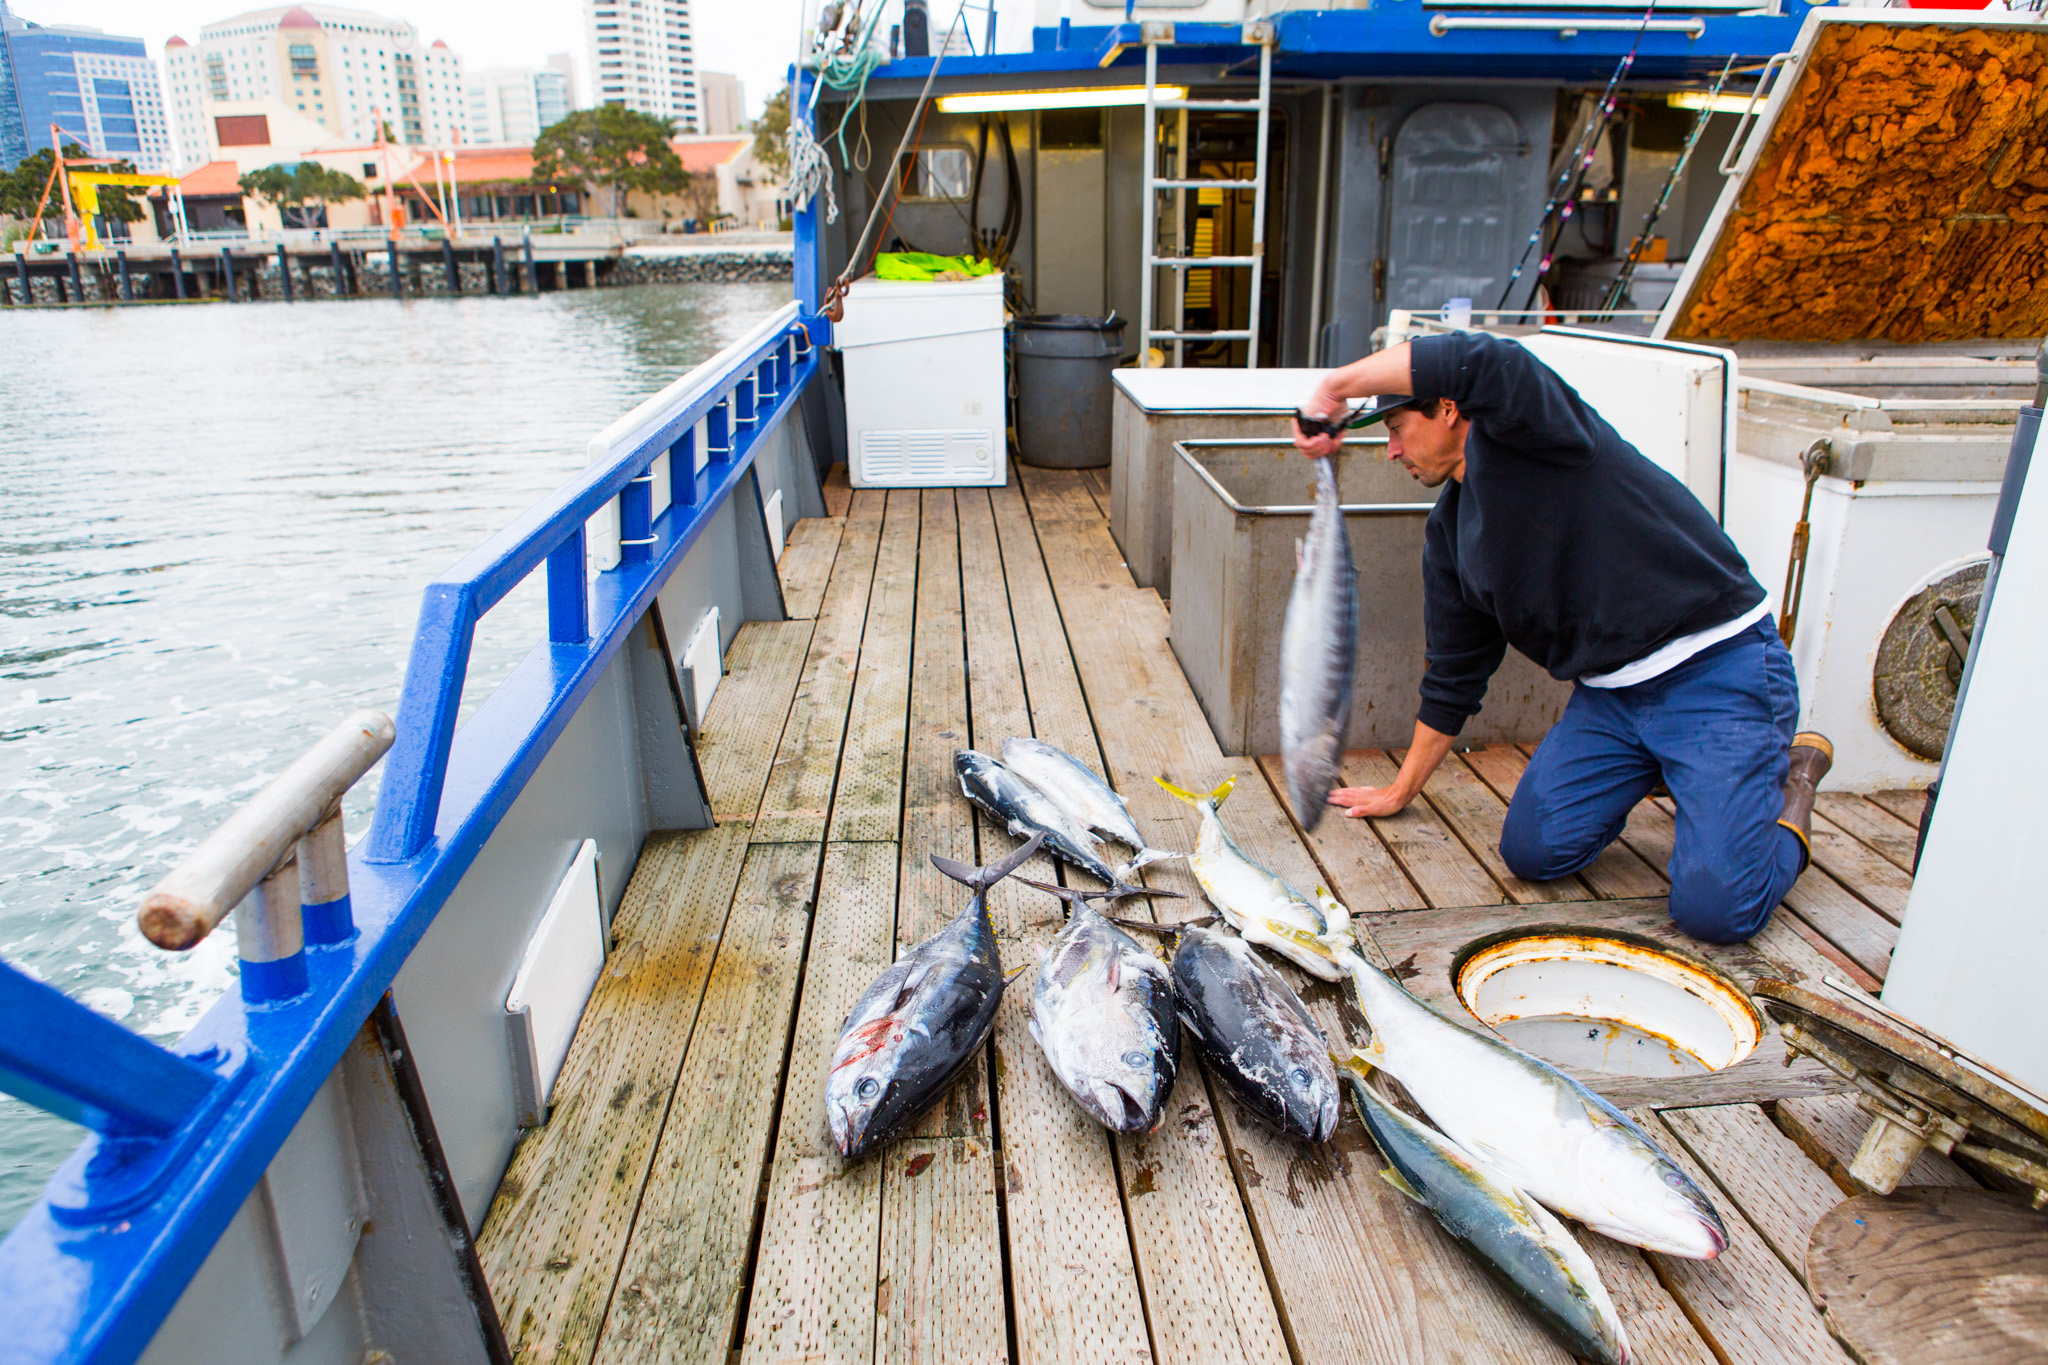 fisherman sorts yellowtail catch on boat